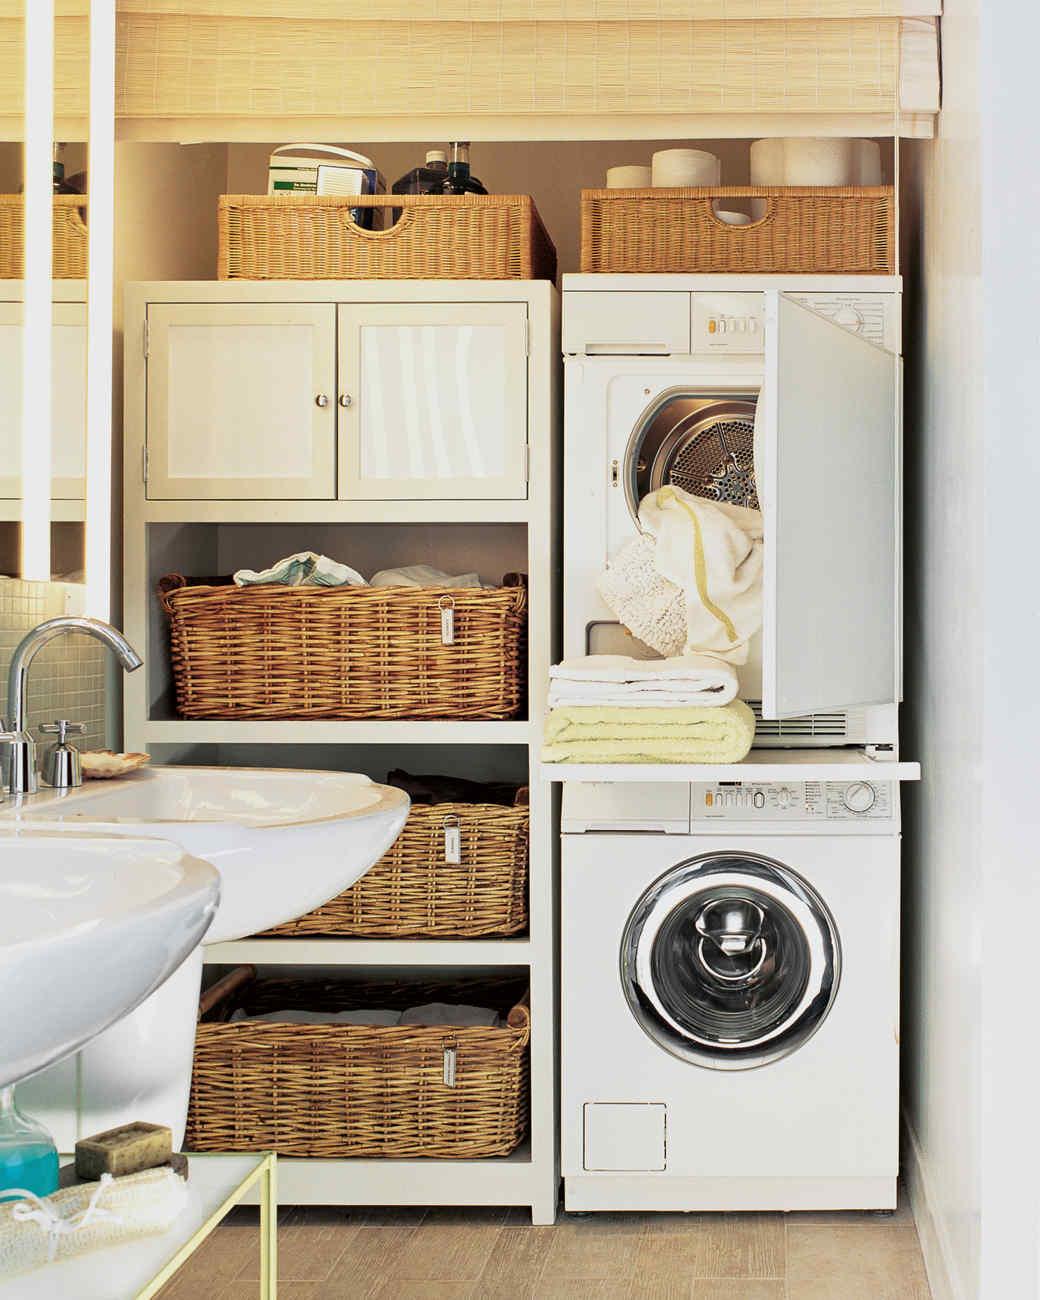 12 Essential Laundry-Room Organizing Ideas | Martha Stewart on Laundry Room Organization Ideas  id=50145